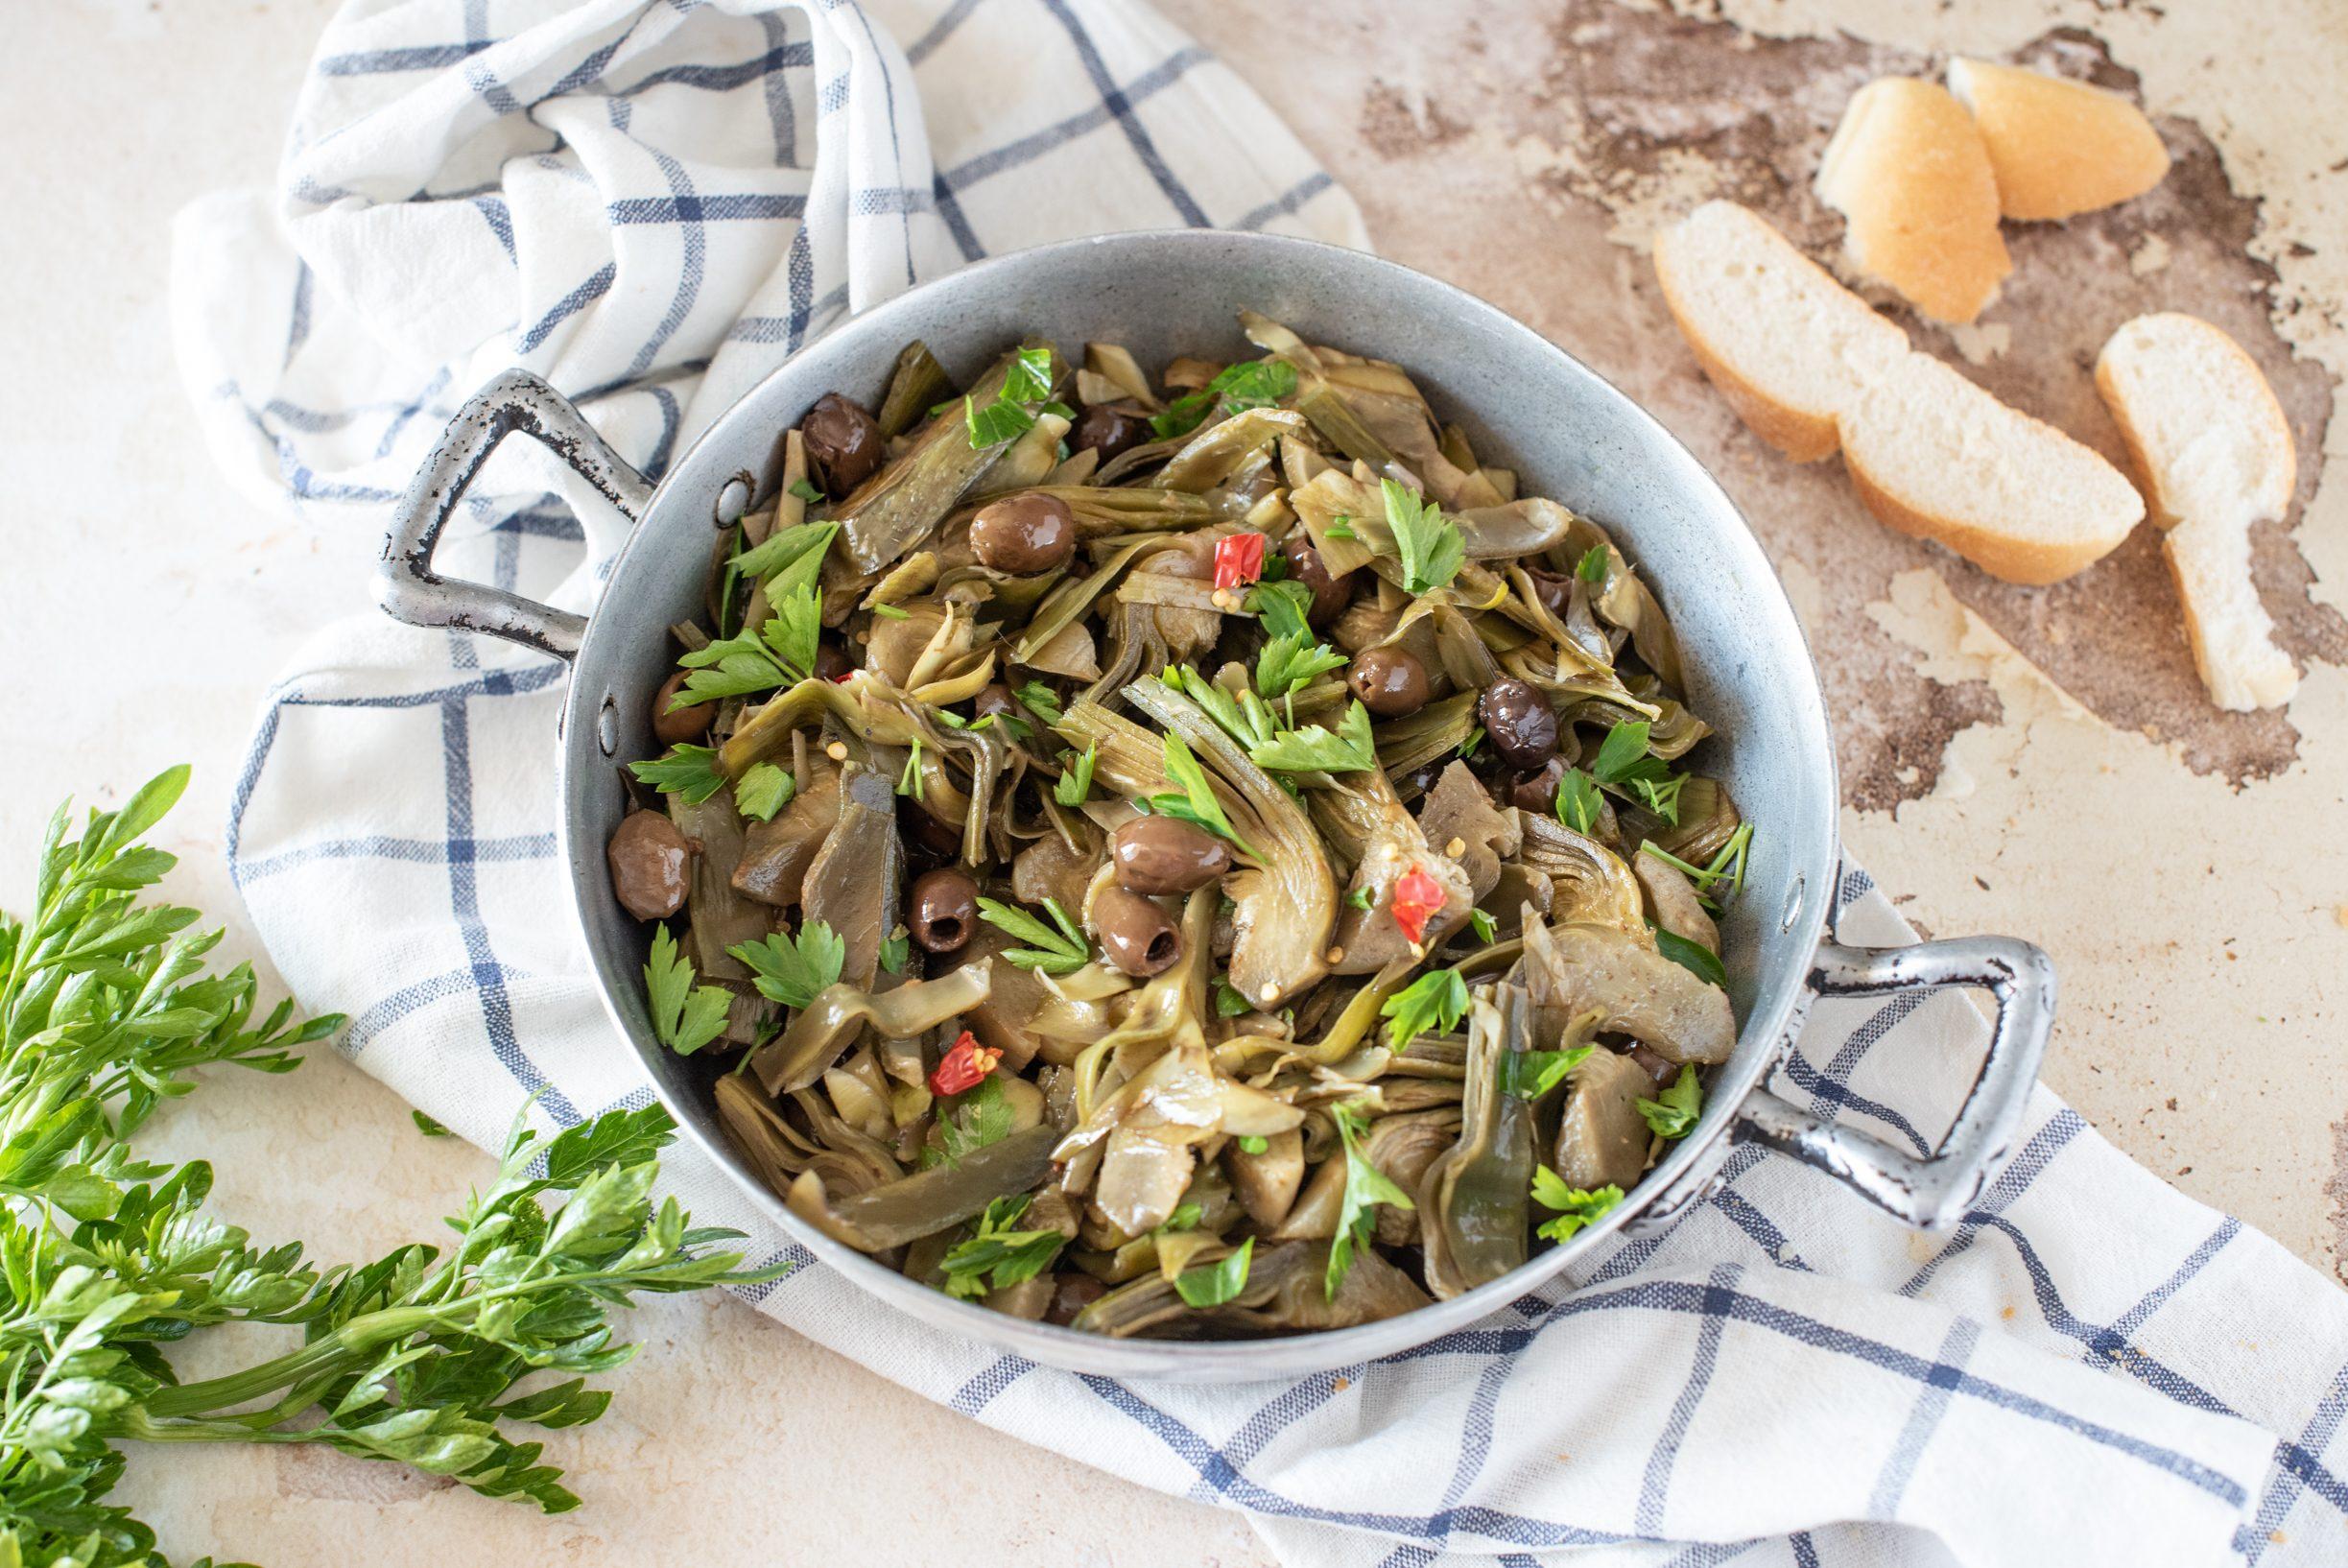 Carciofi affogati: la ricetta del contorno napoletano gustoso e facilissimo da realizzare